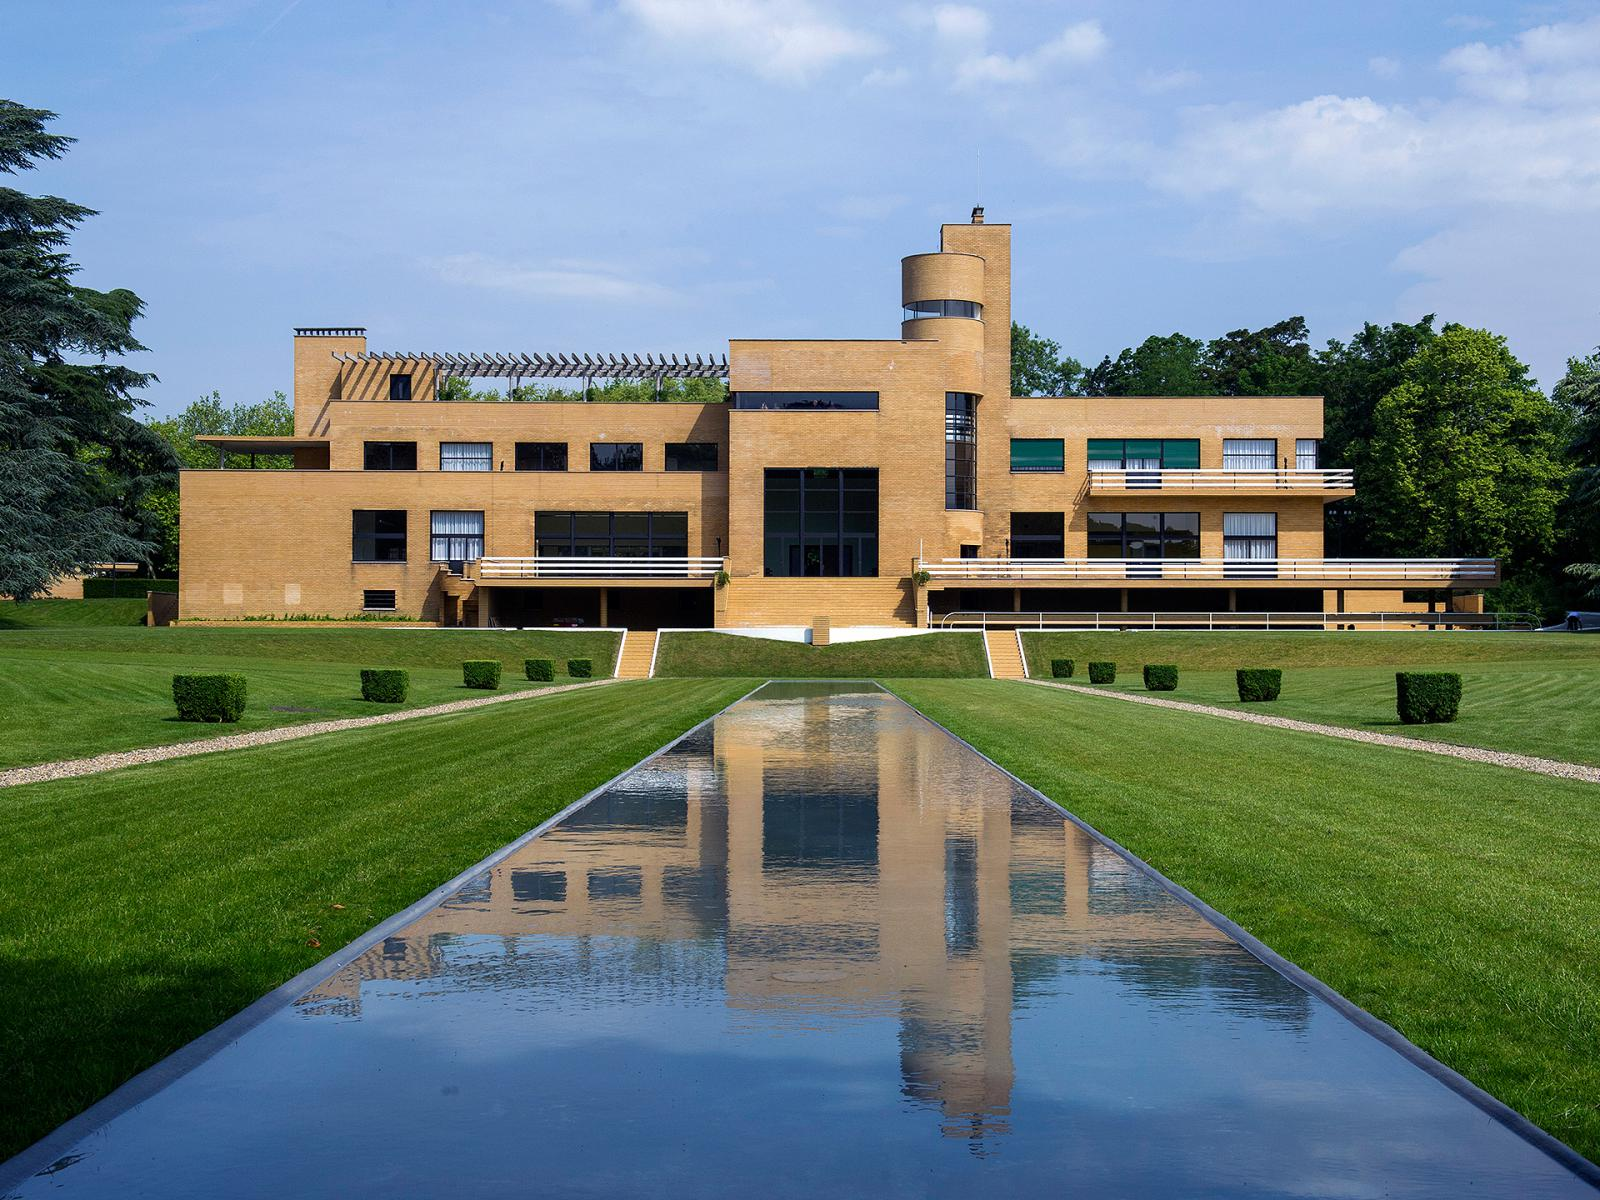 Вилла Кавруа: архитектурный шедевр Робера Малле-Стивенса